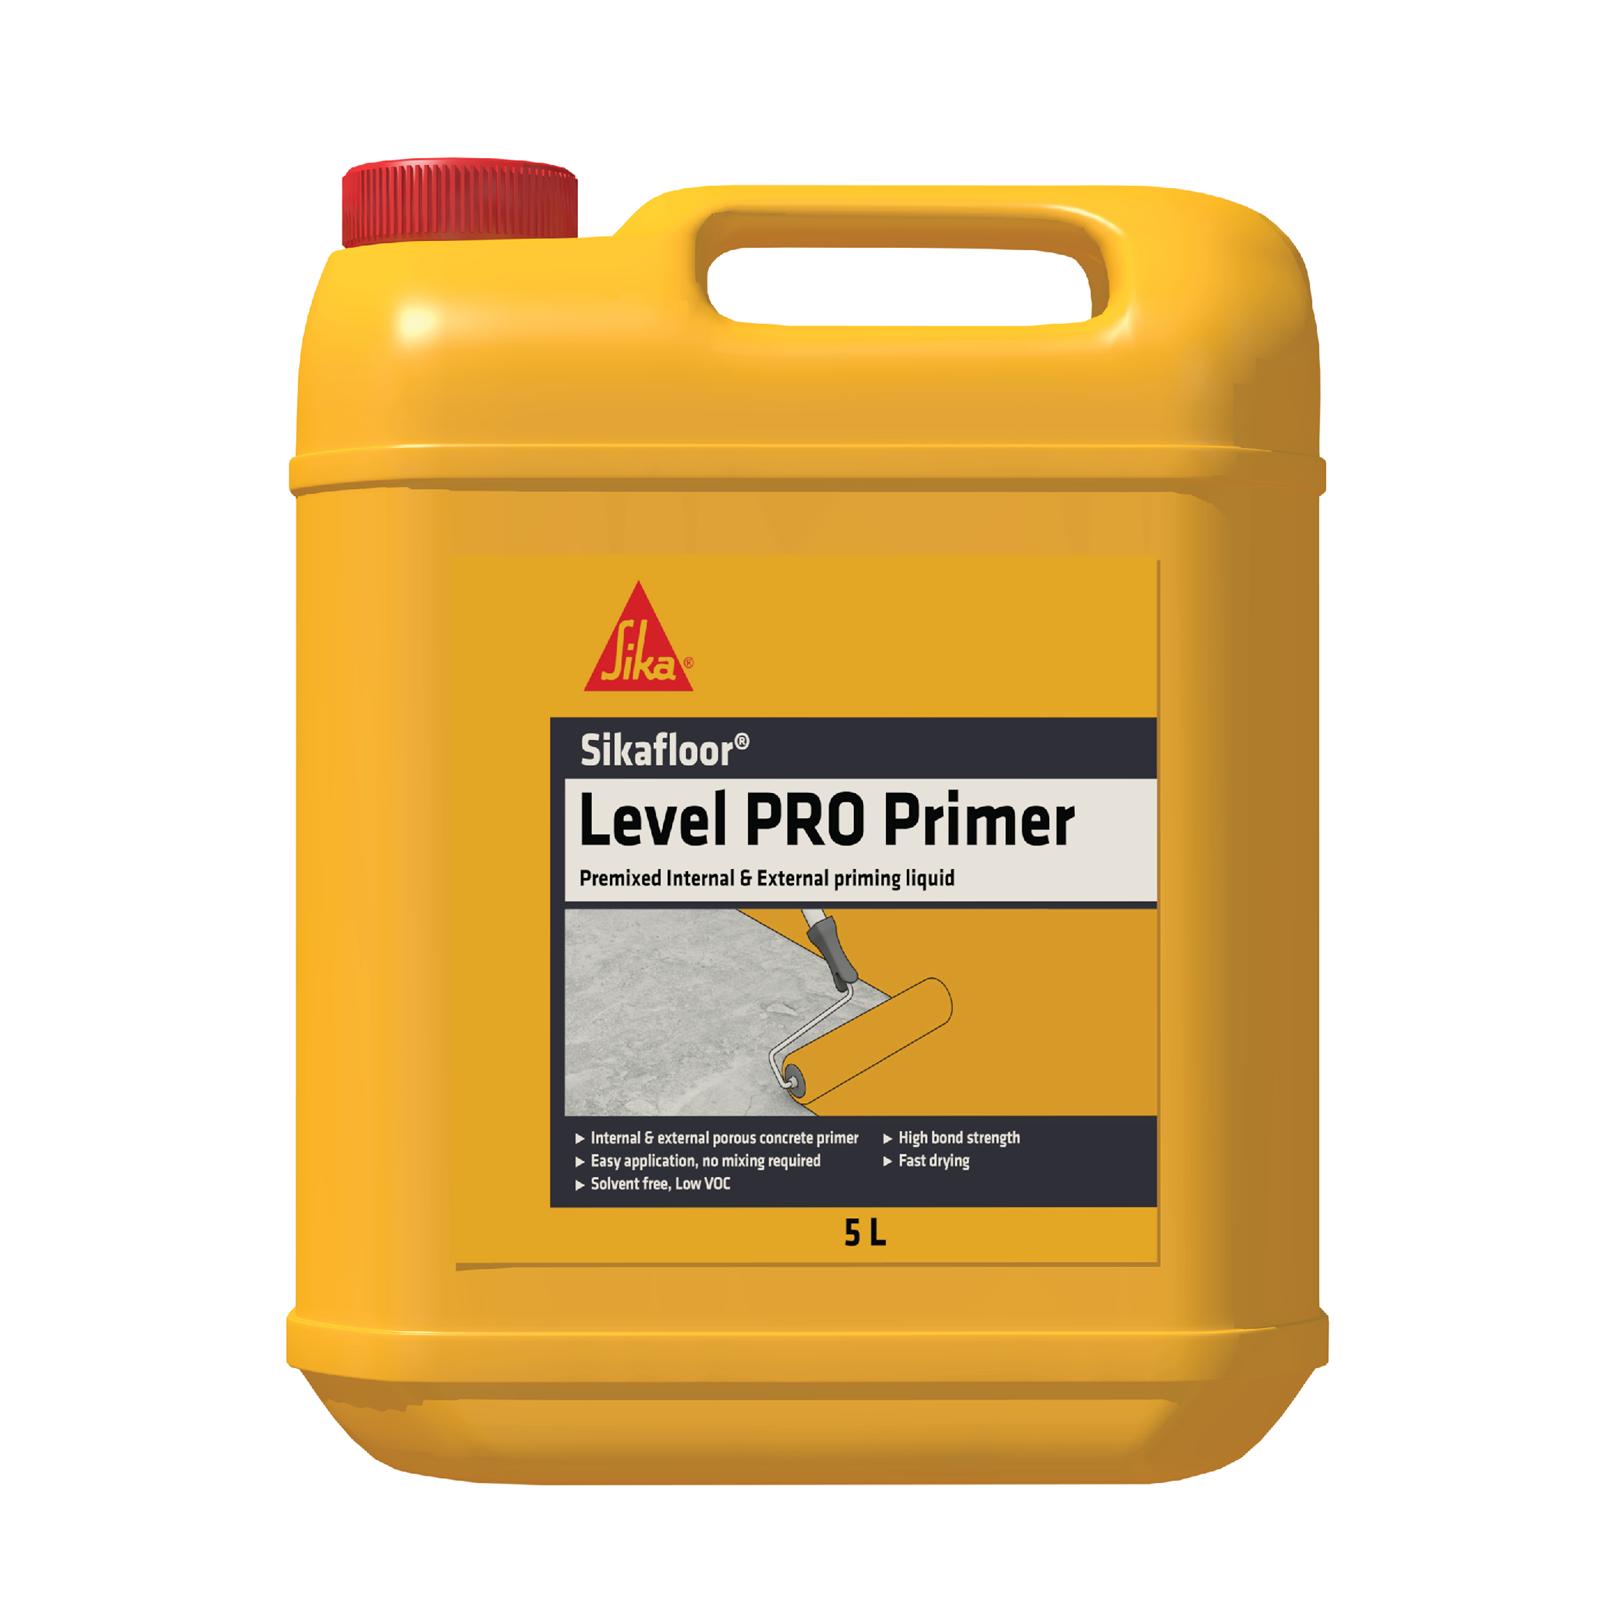 Sikafloor 5L Level Pro Liquid Primer